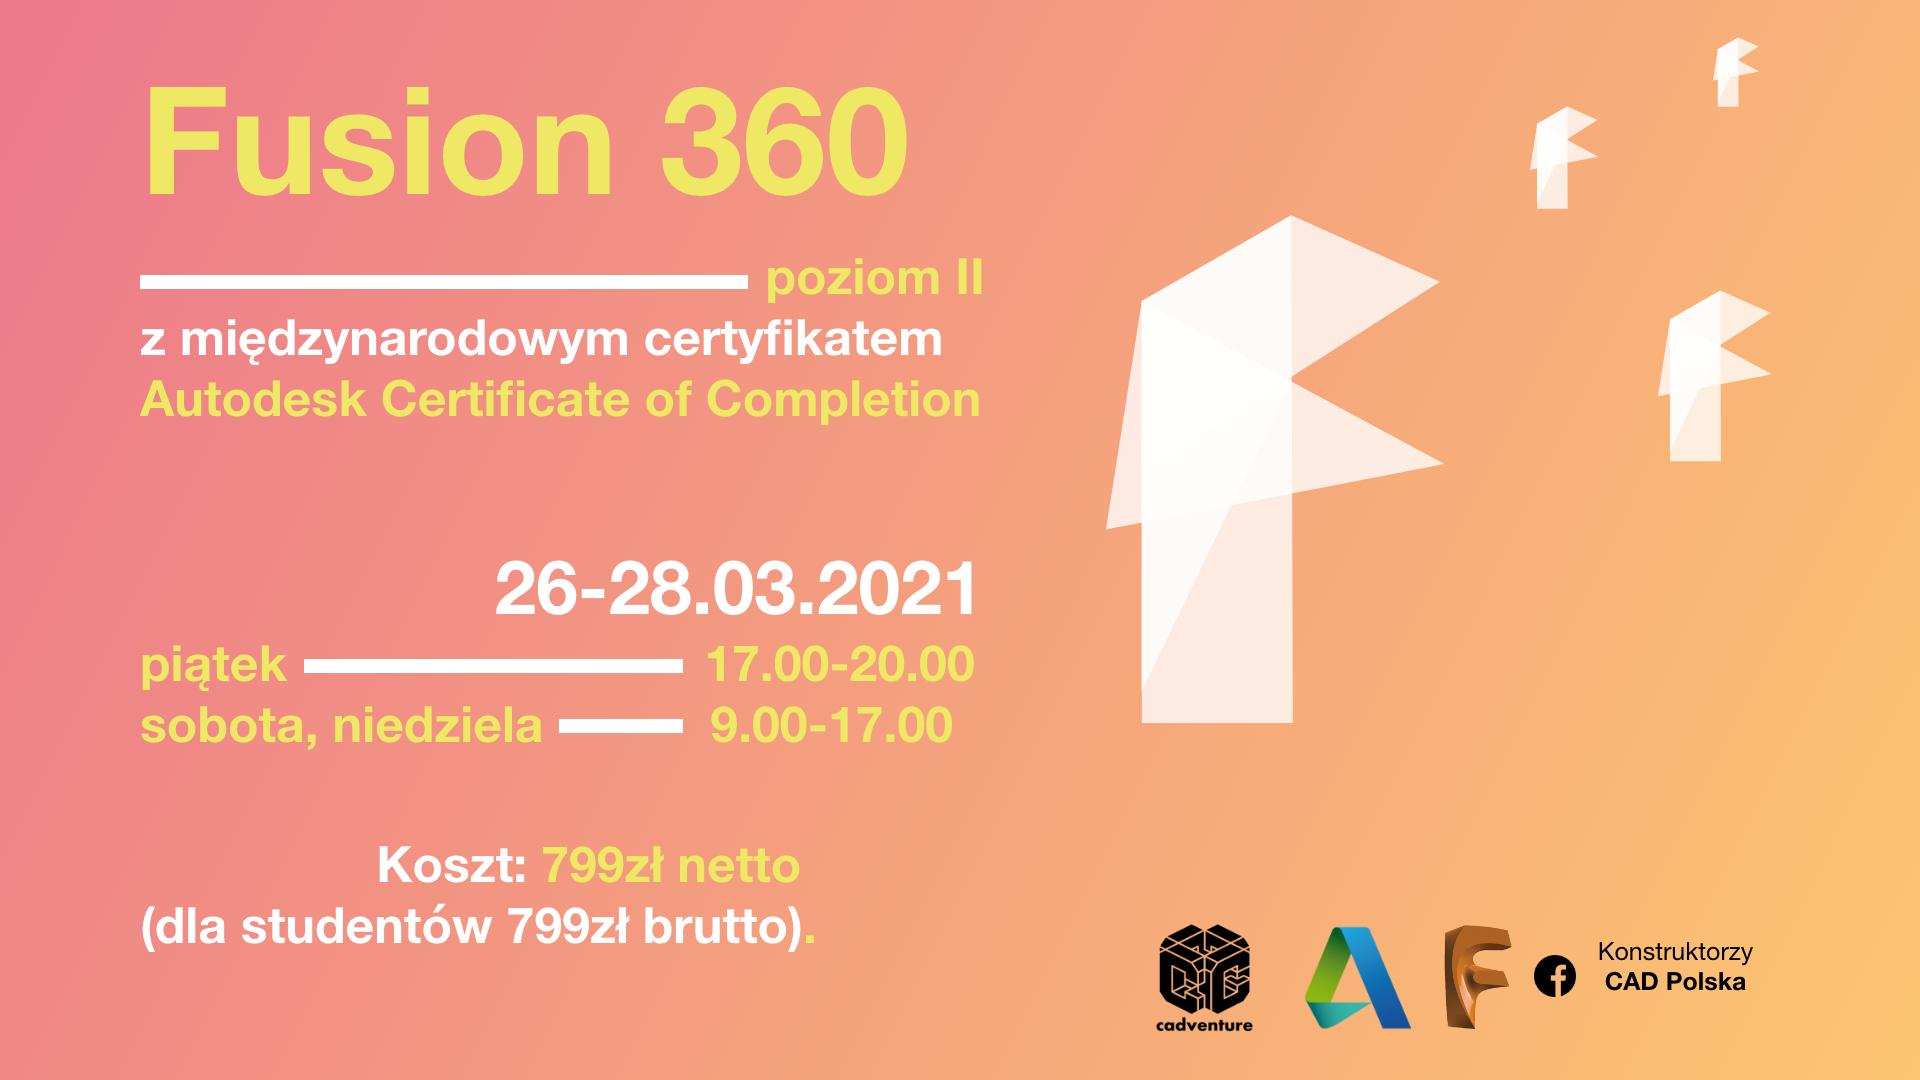 fusion II 26-28.03.2021